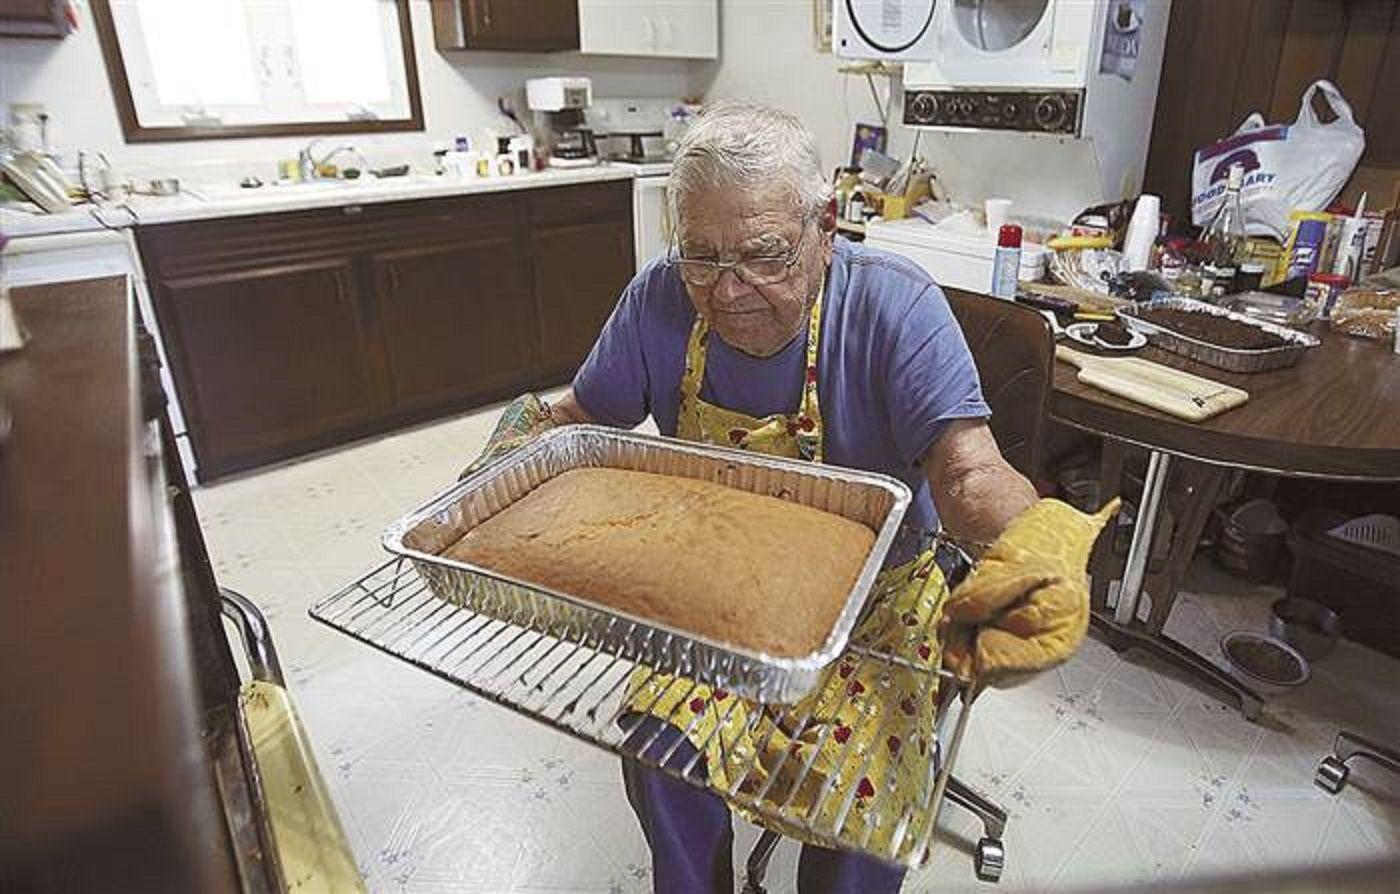 Tiene 98 años y cocina para ayudar a quienes más lo necesitan